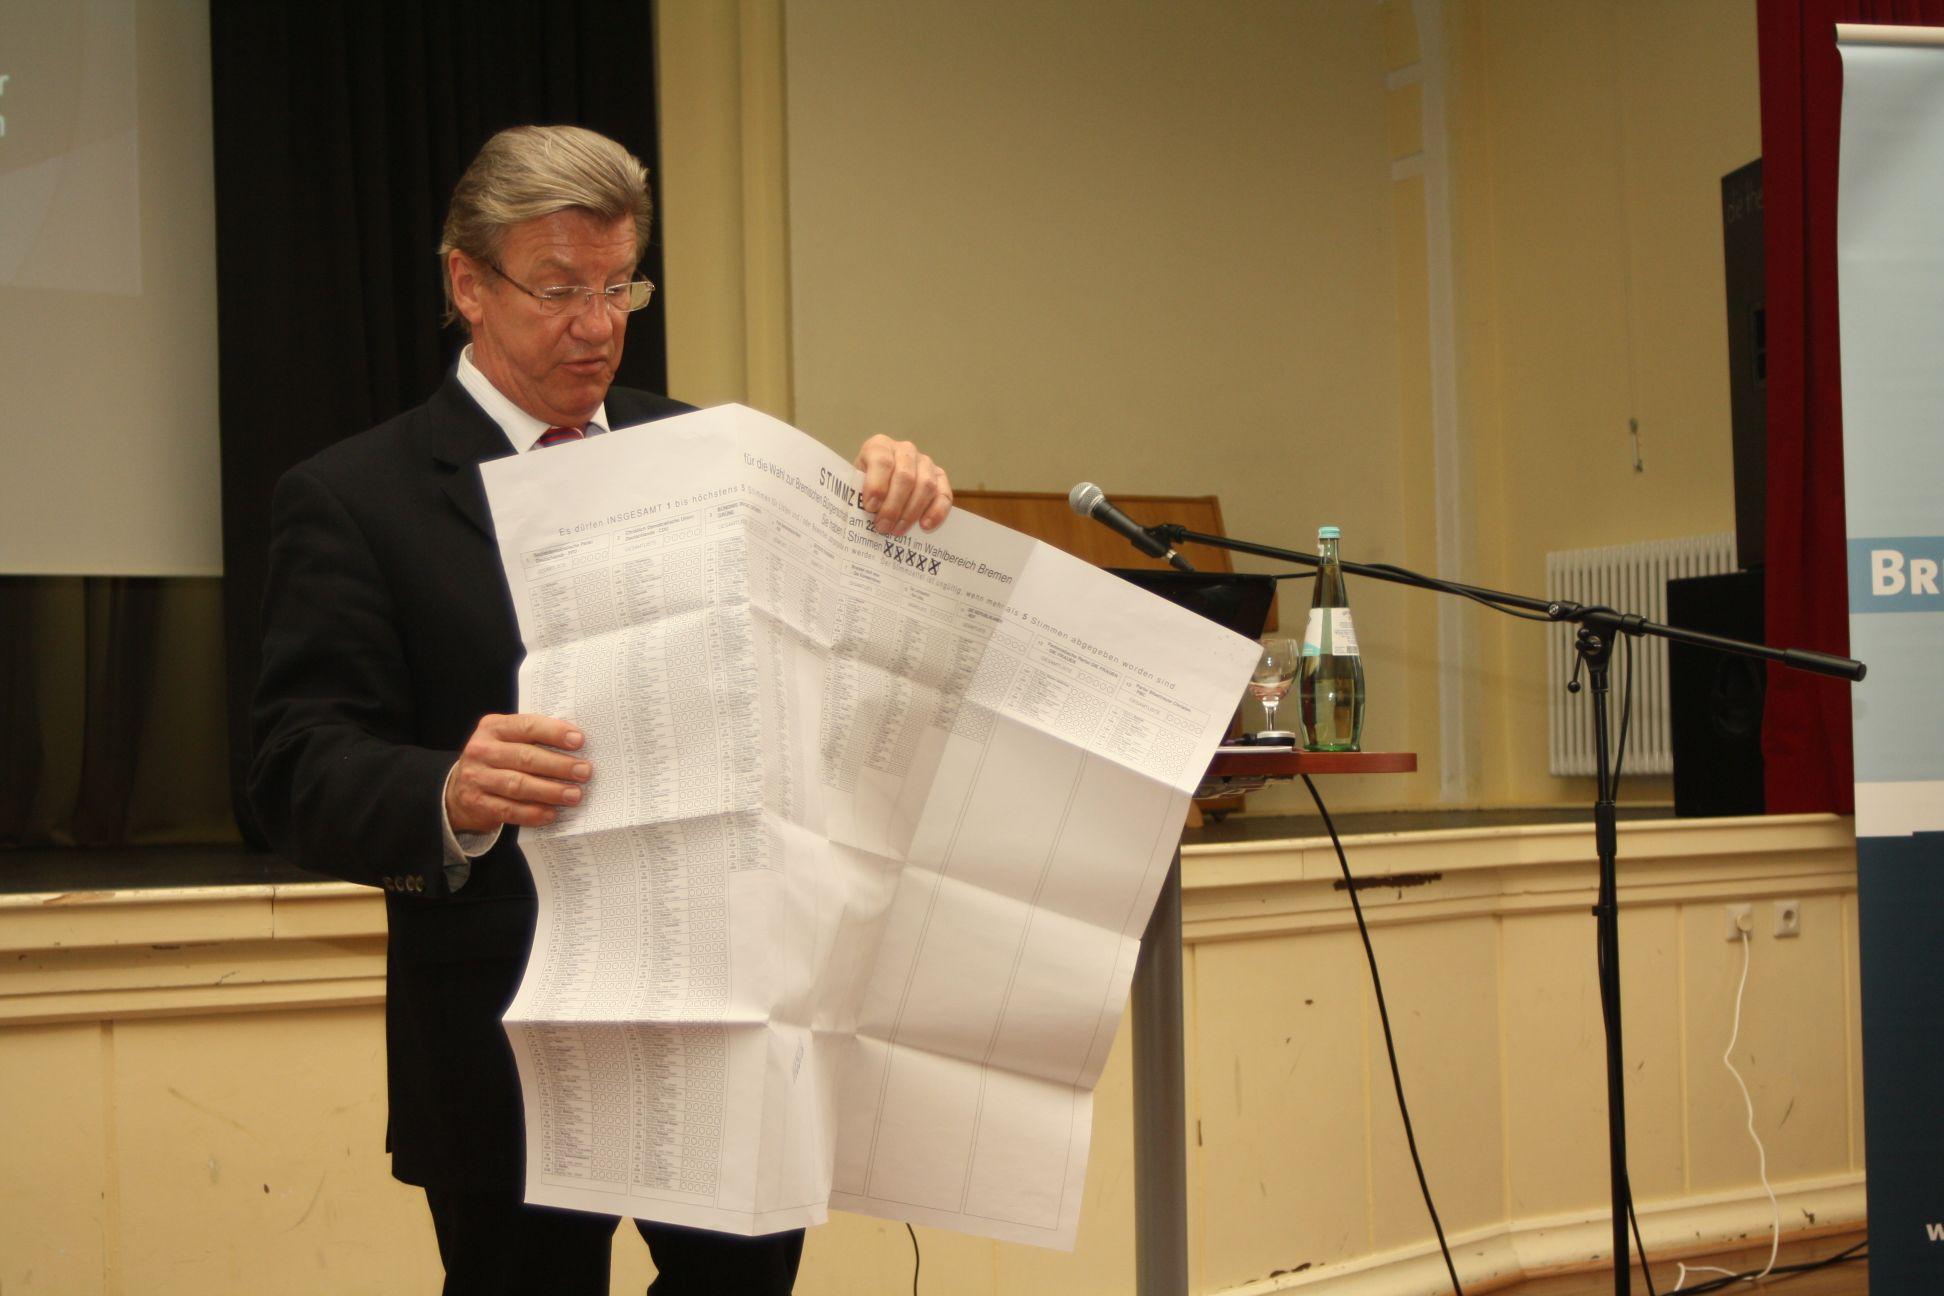 Informationen zum neuen Wahlrecht werden Ihnen vom Amtsgerichtspräsidenten, Uwe Lissau, näher erläutert